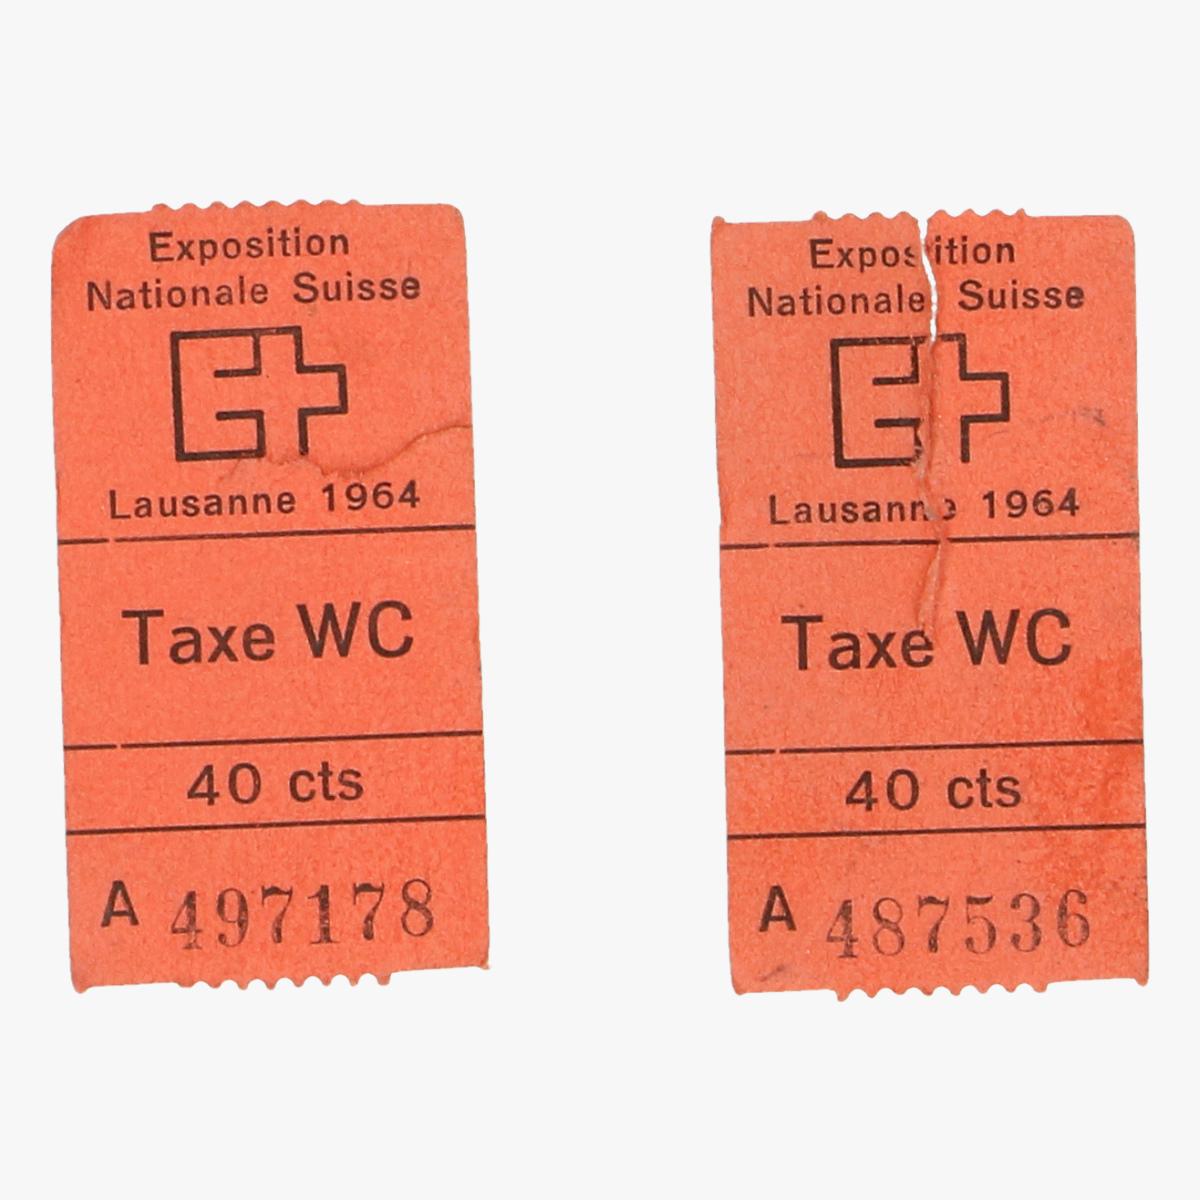 Afbeeldingen van expostition nationale suisse 1964 tax wc